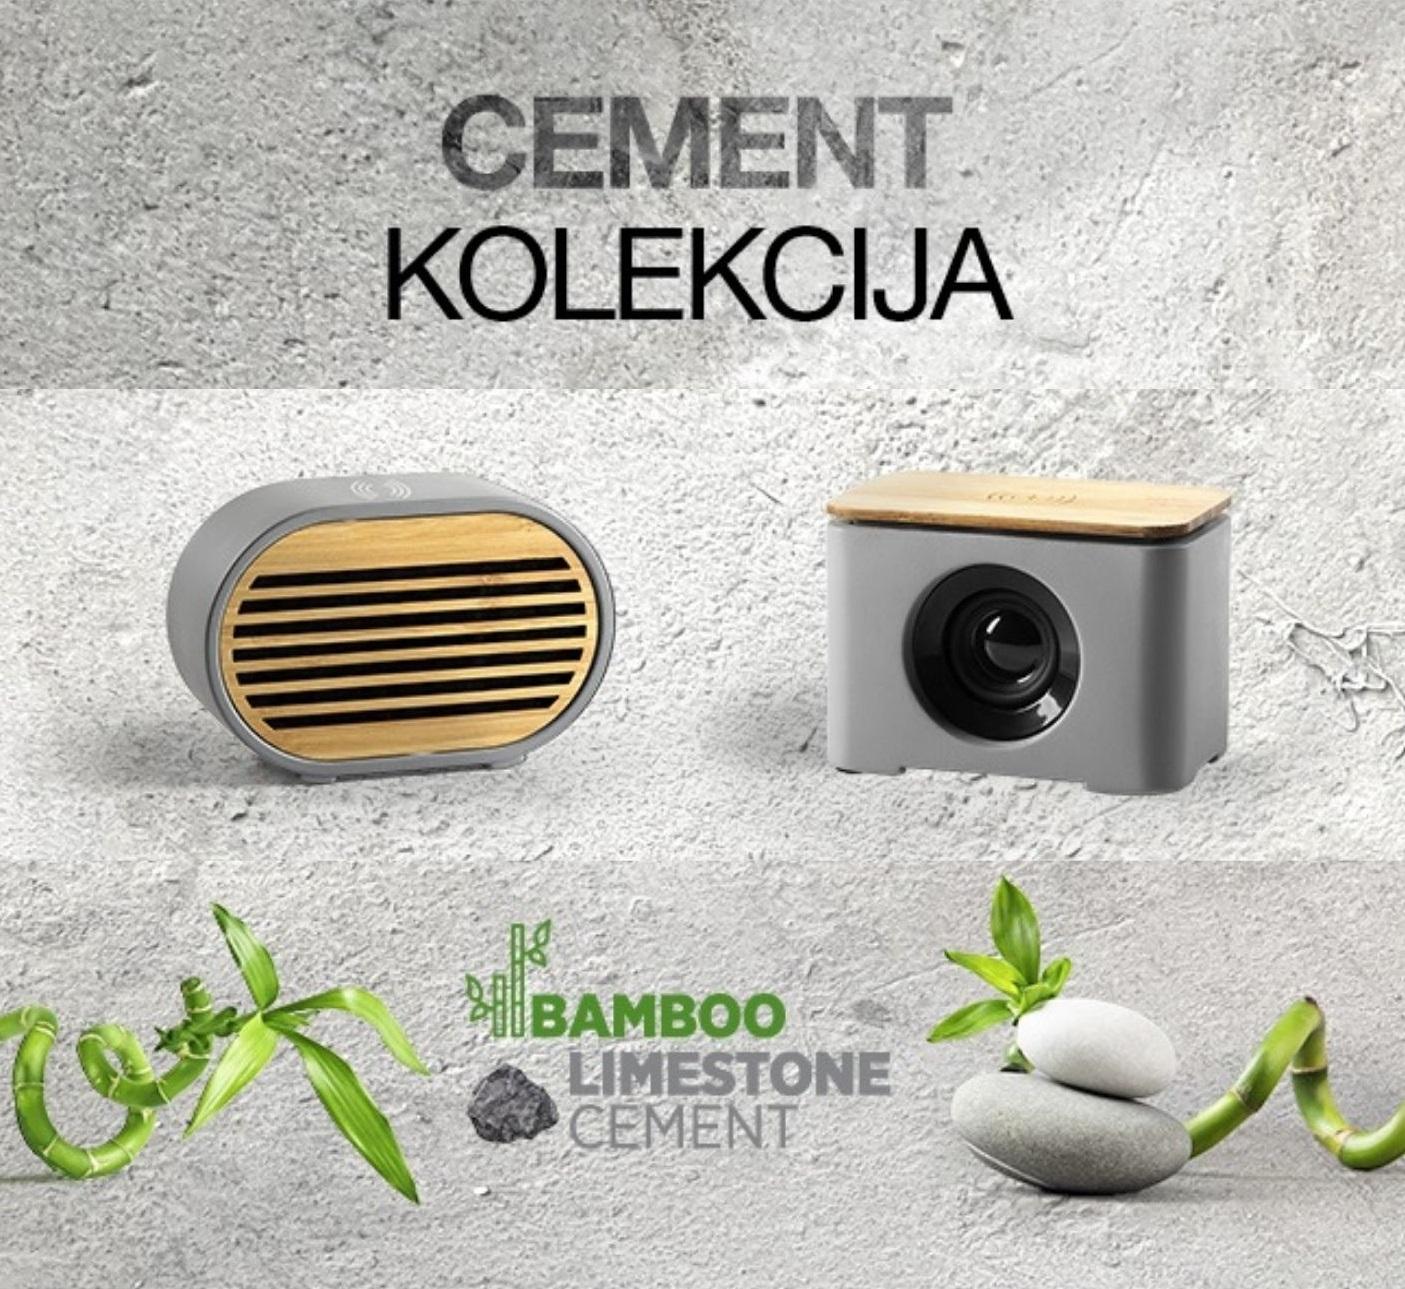 cement_kolekcija_zvucnici_punjaci_impress